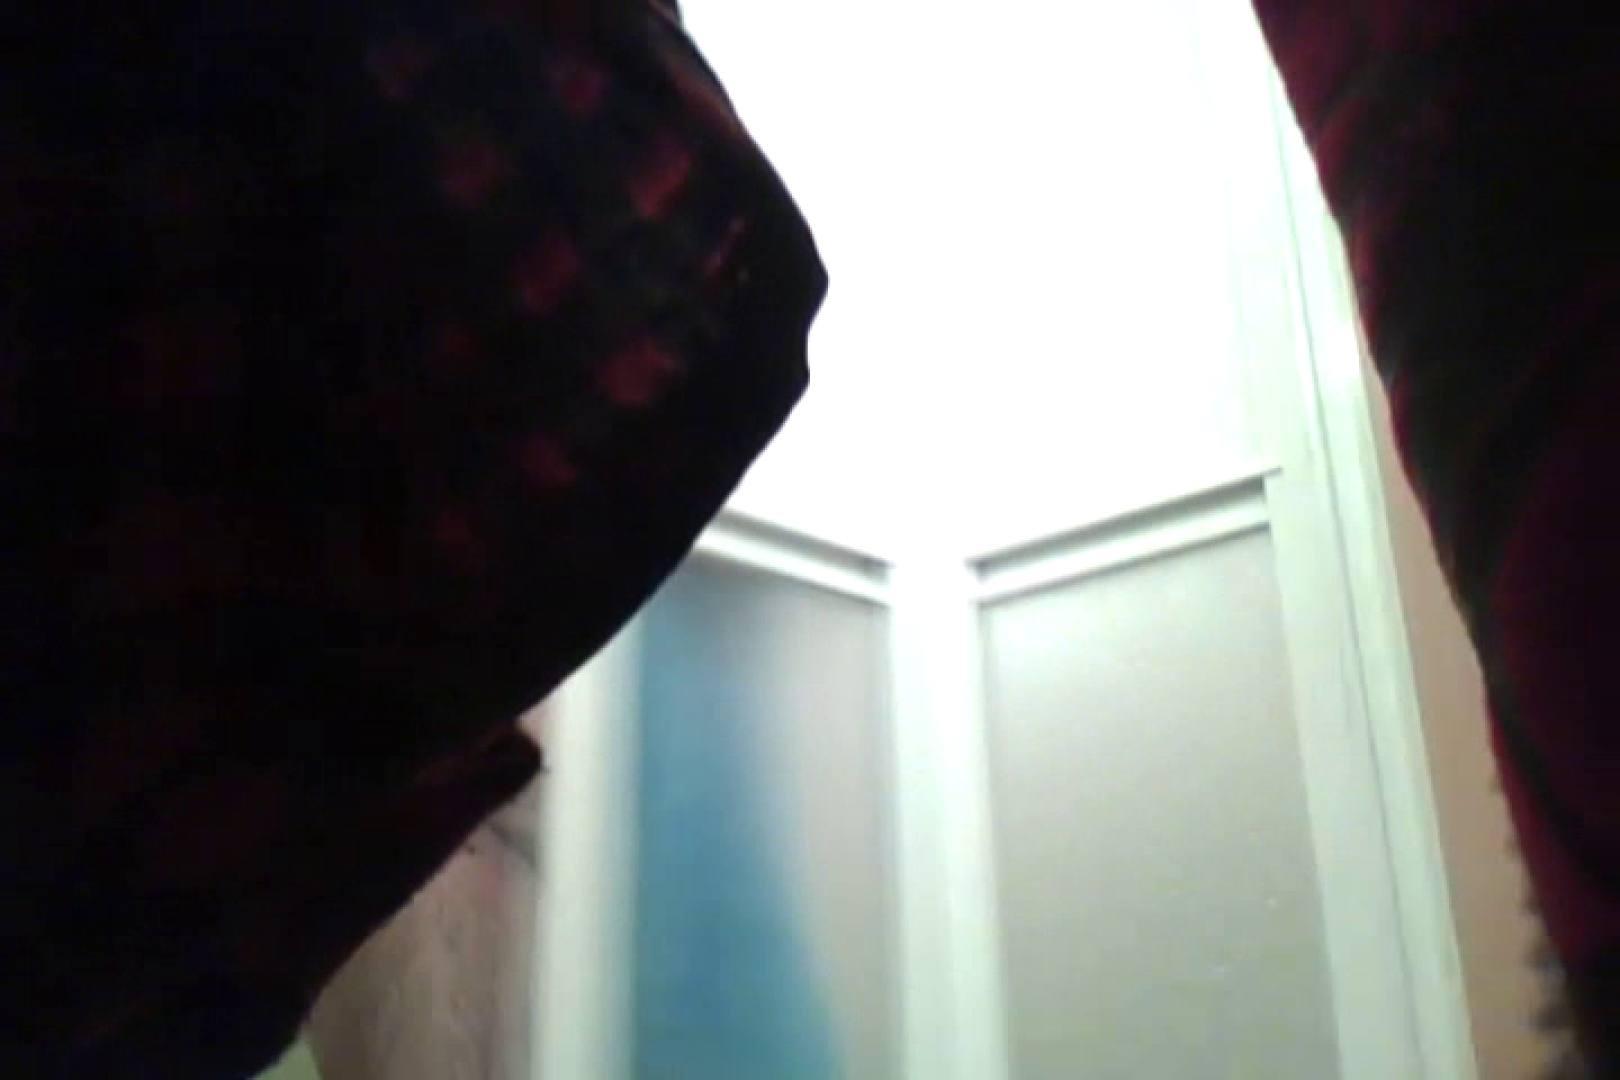 チンピースさん初投稿!自分家!?大学生の友達覗いてしまいました。VOL.09 投稿シリーズ | 入浴・シャワー  72連発 29